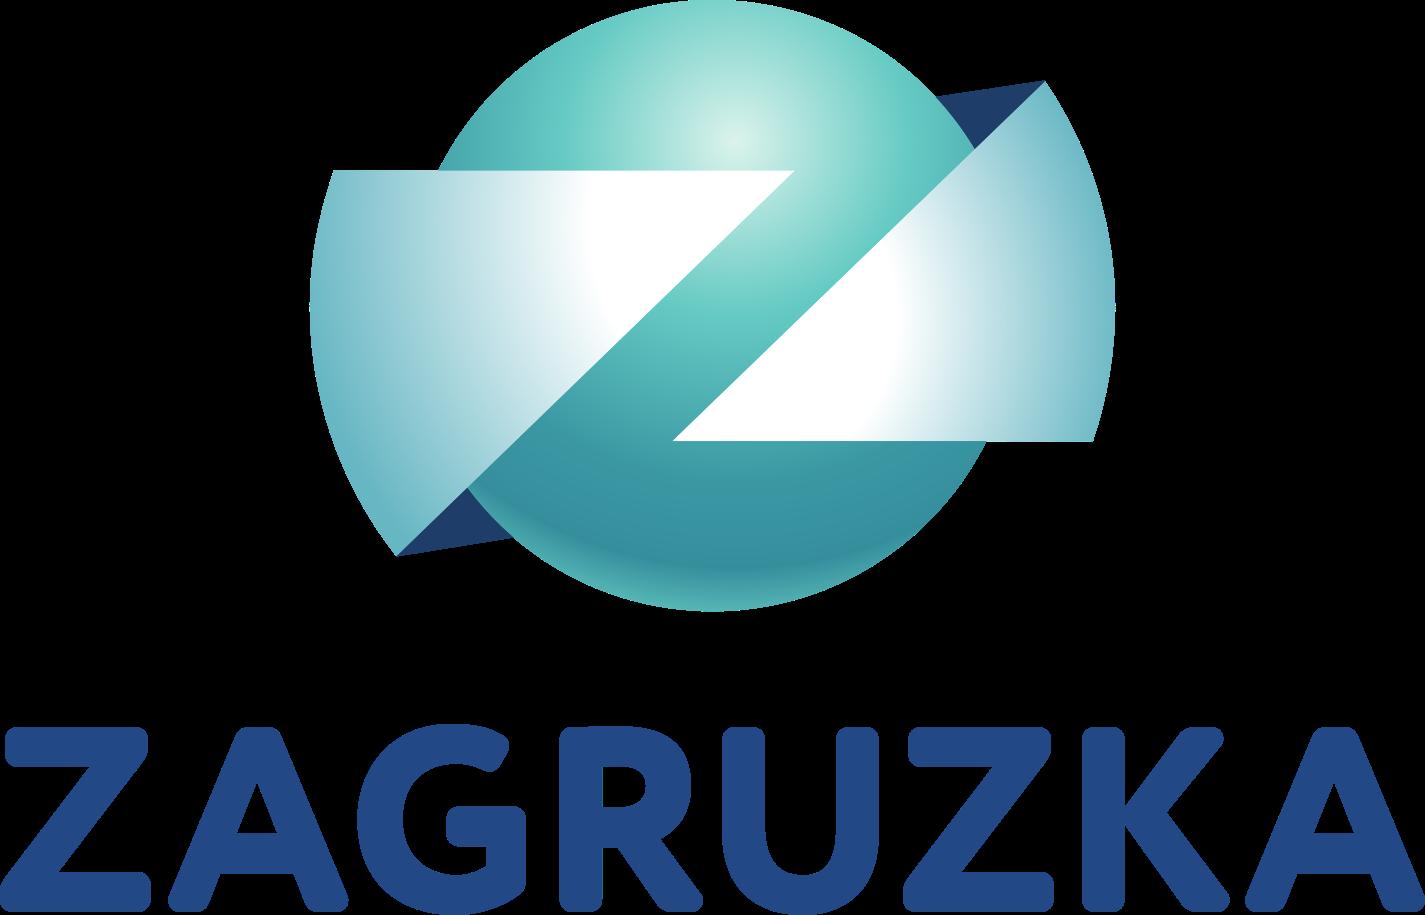 ZAGRUZKA